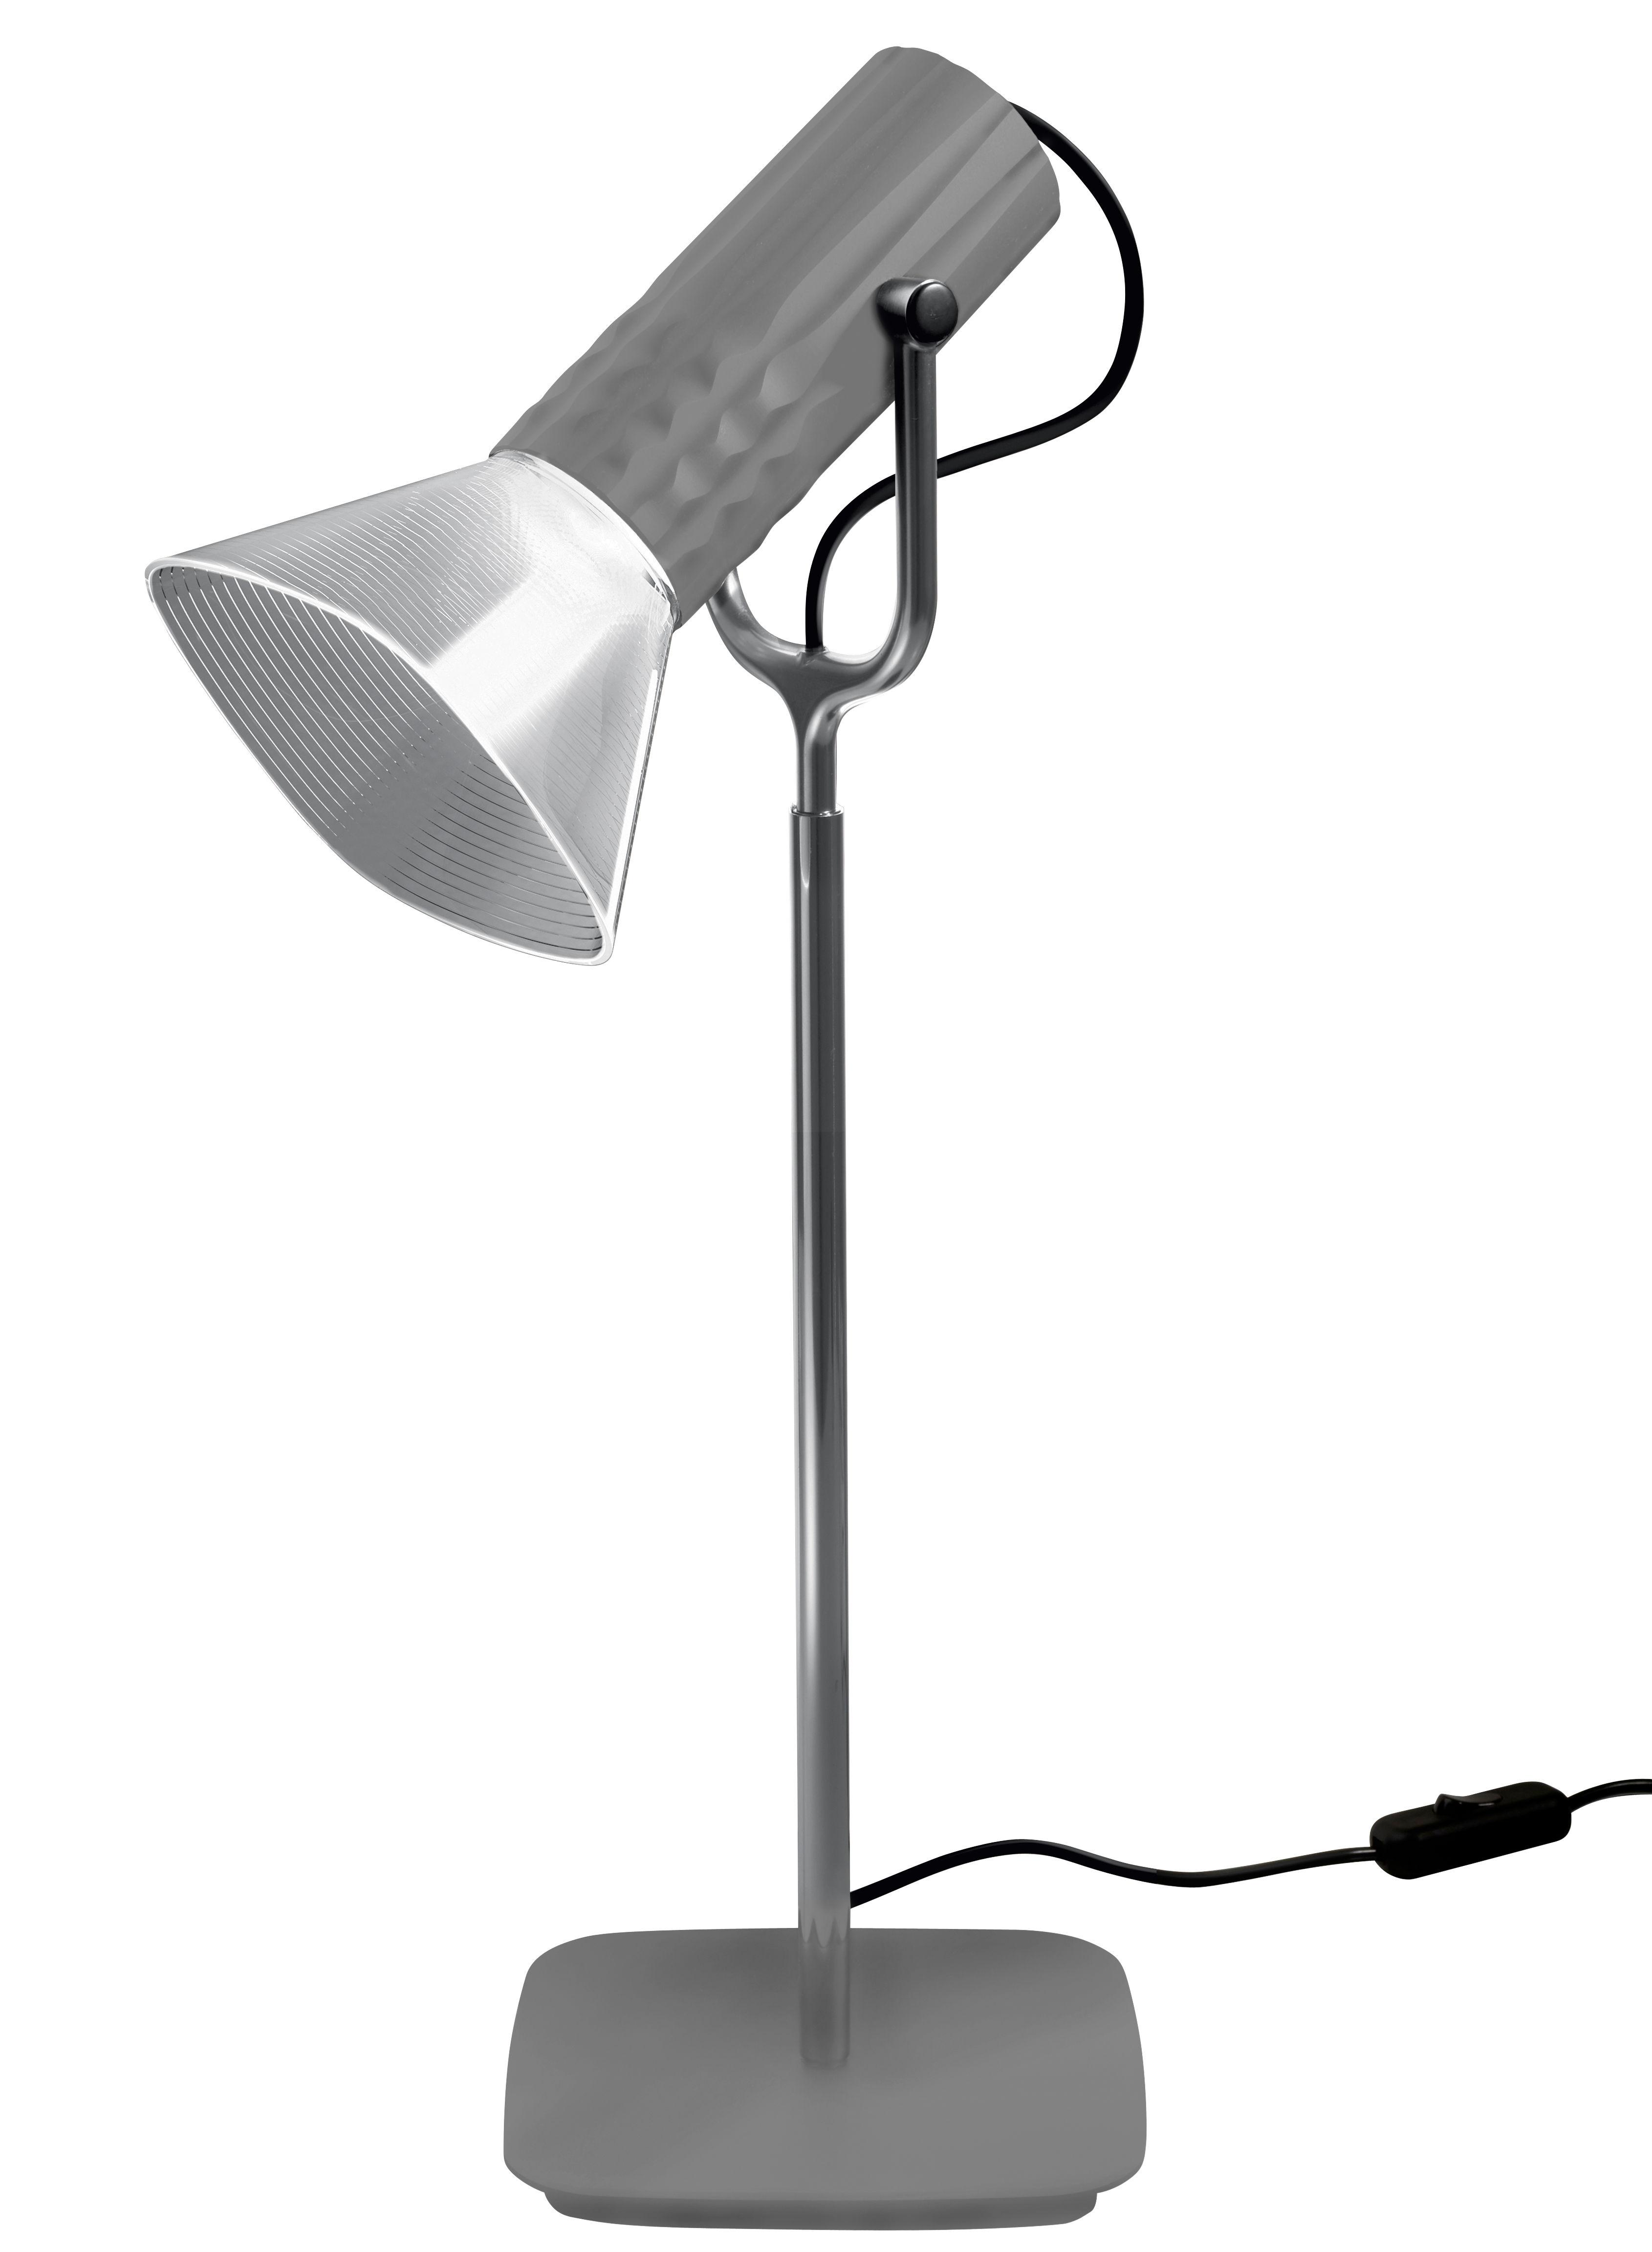 Leuchten - Tischleuchten - Fiamma Tischleuchte / LED - H 54 cm - Artemide - Grau - Metall, Plastikmaterial